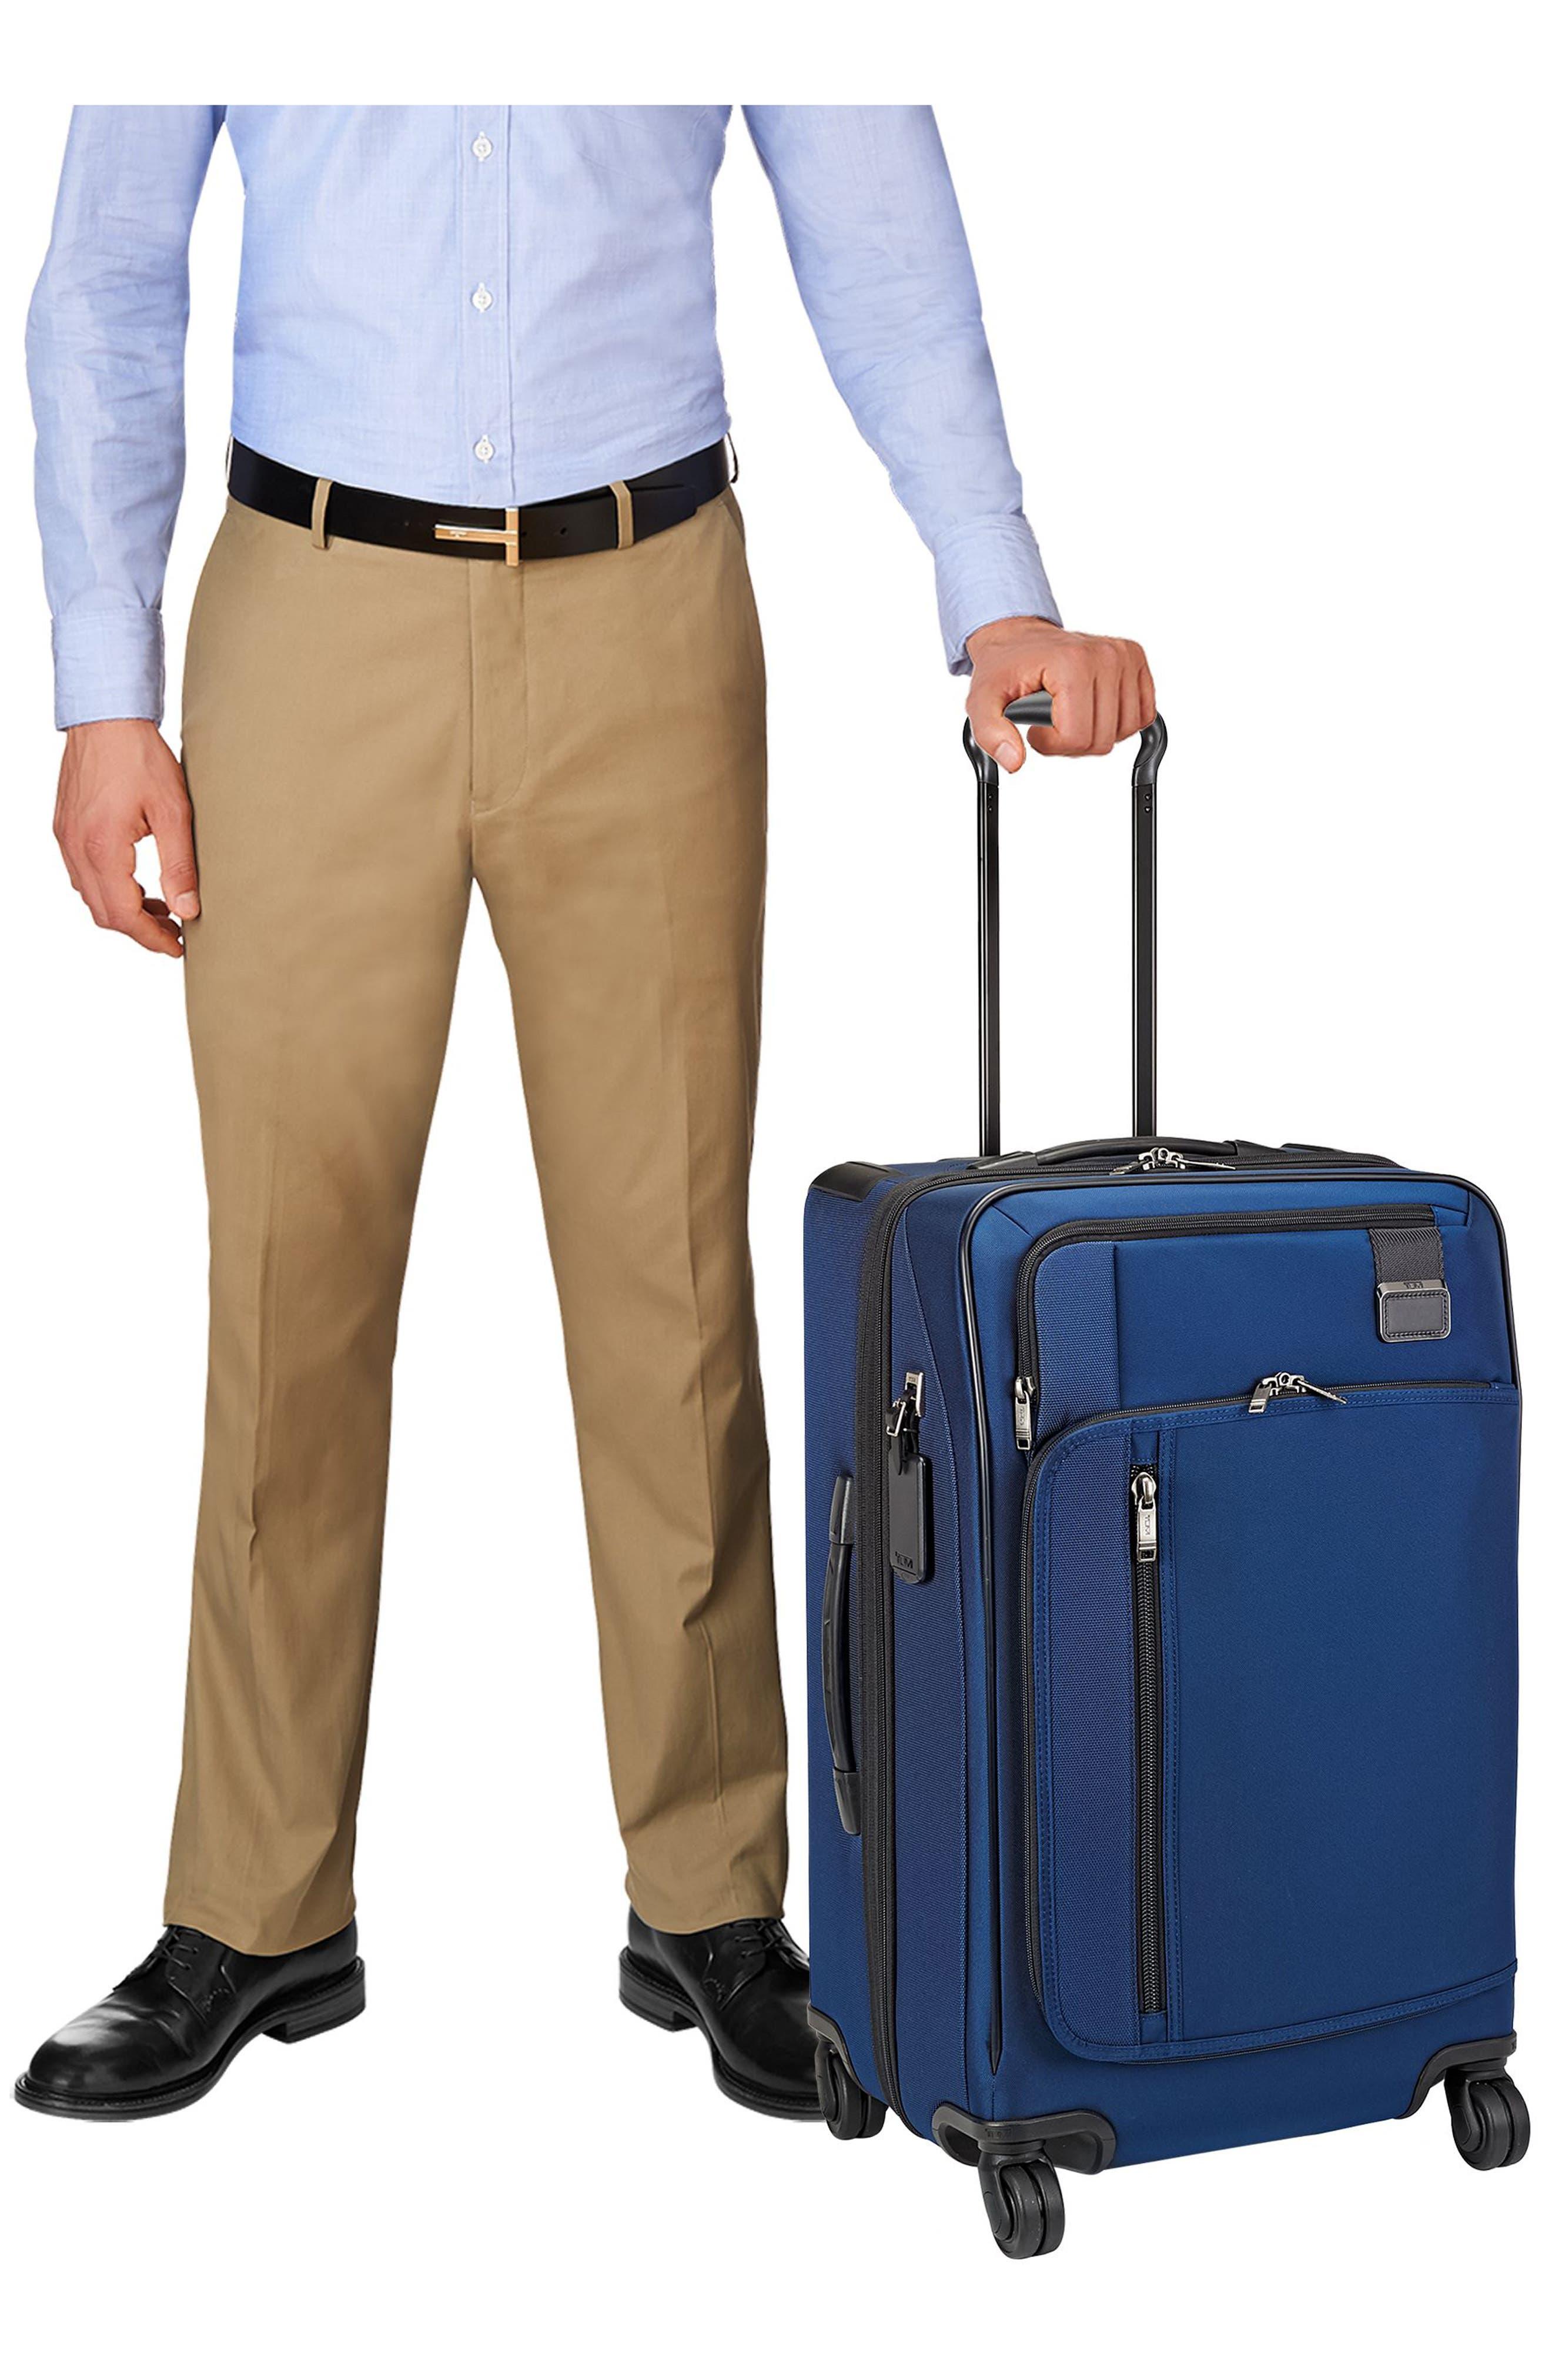 Merge - Short Trip Expandable Rolling Suitcase,                             Alternate thumbnail 6, color,                             OCEAN BLUE